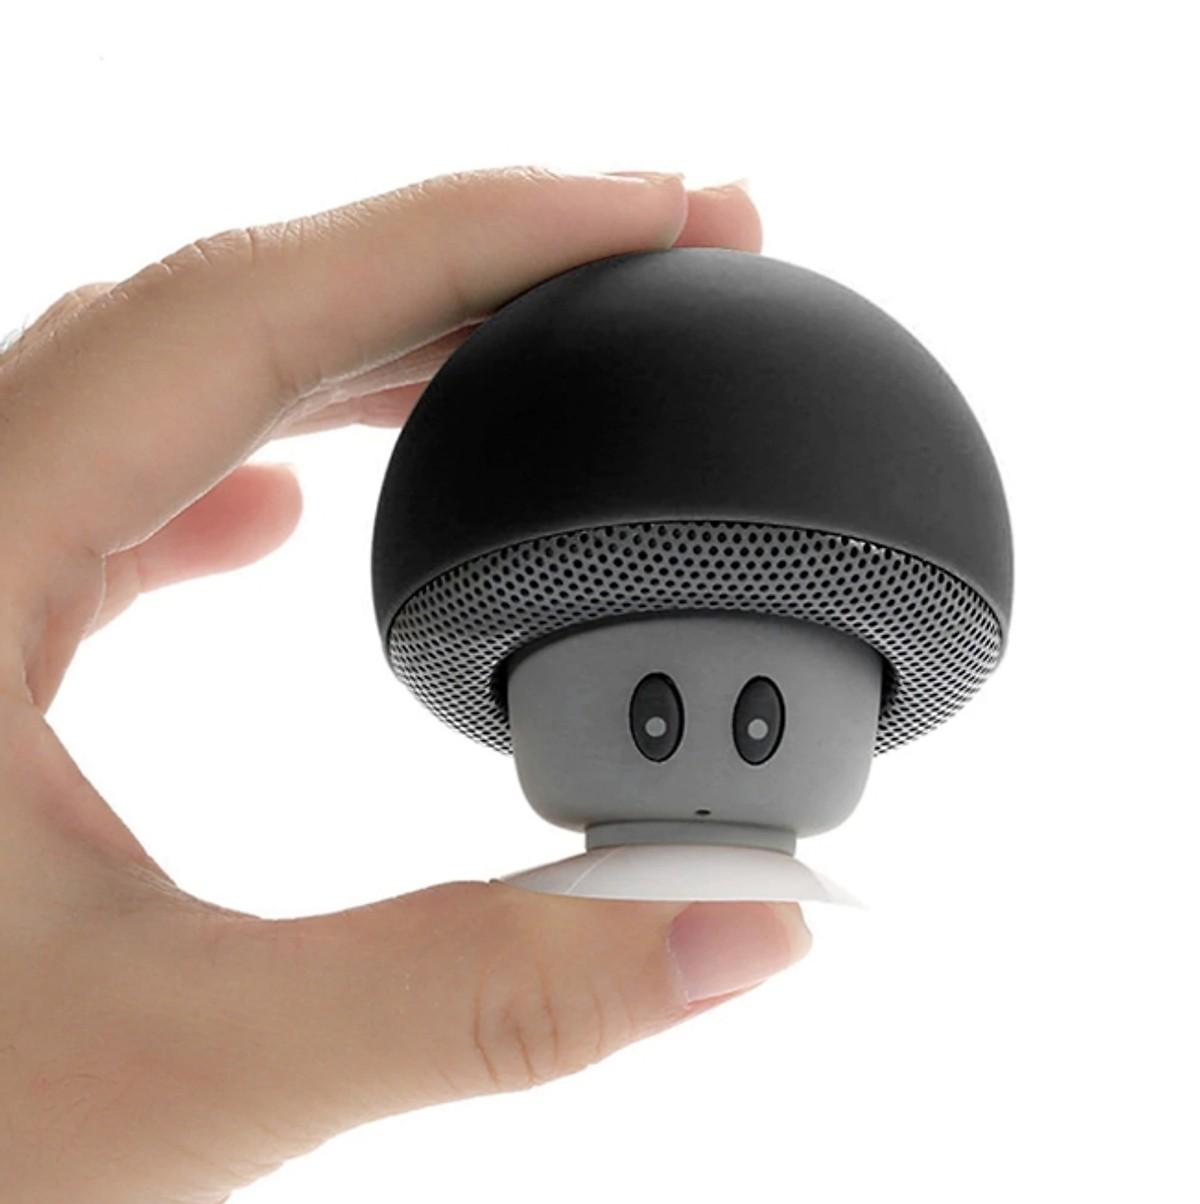 Combo Loa Bluetooth  Mini Hình Nấm Siêu Dễ Thương + Tặng Tai Nghe Bluetooth Y-12 Kiểu Dáng Thể Thao Cao Cấp